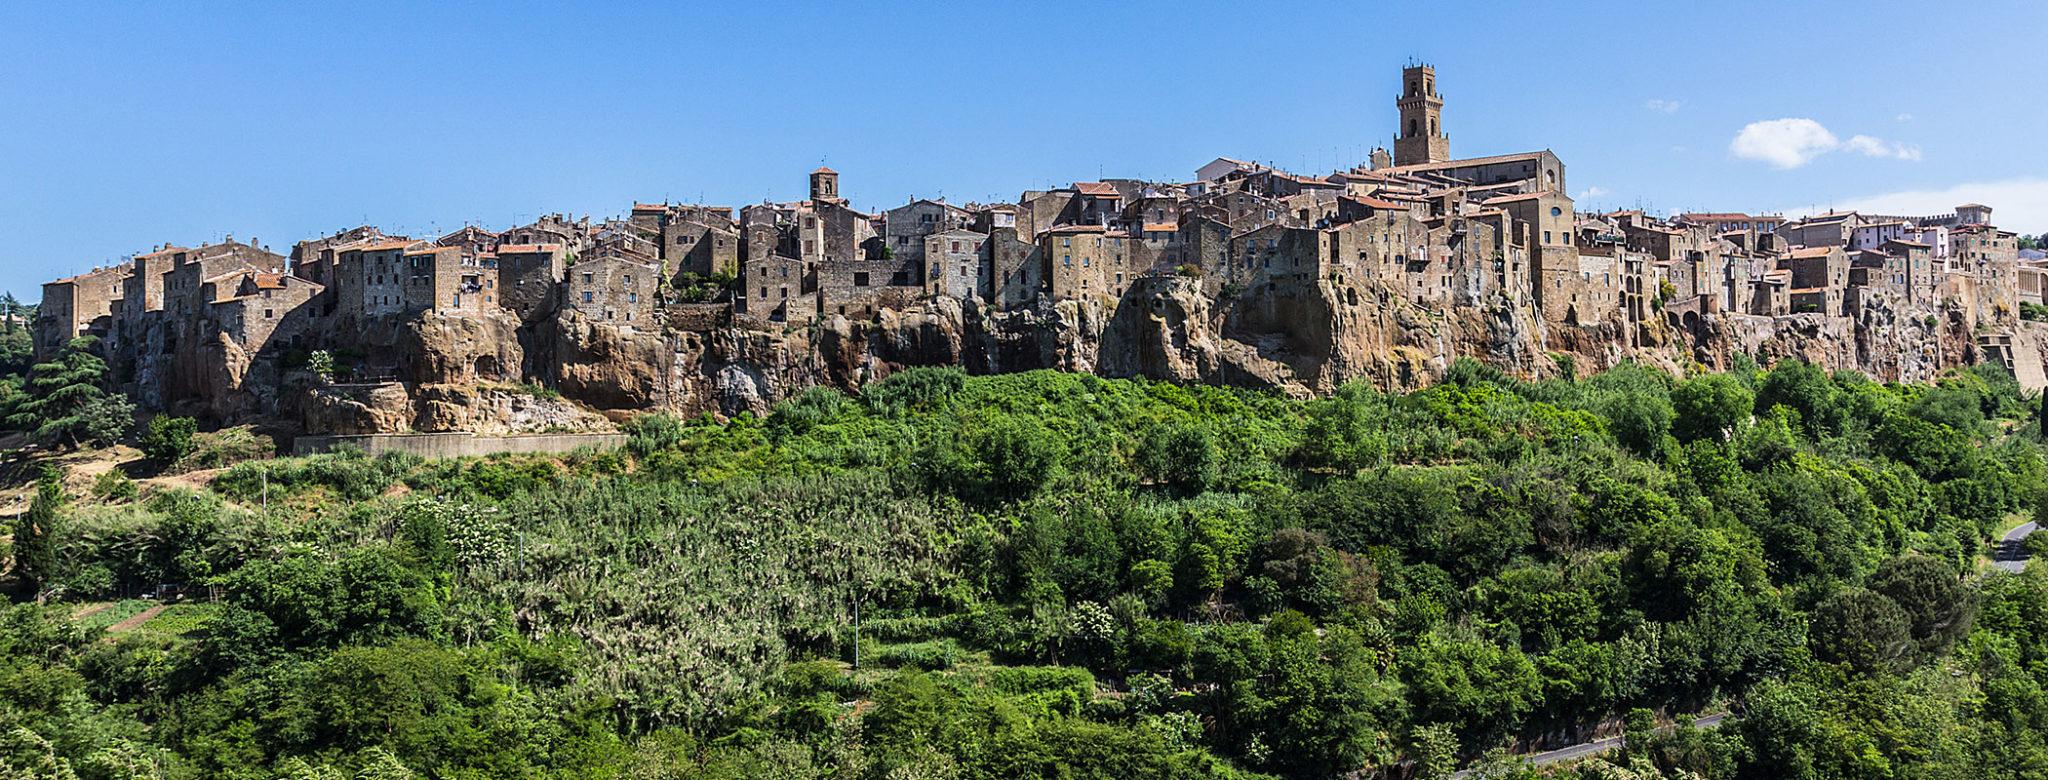 etrusker - Pitigliano liegt spektakulär auf einem dreihundert Meter hohen Tuffsteinfelsen. Pitigliano liegt spektakulär auf einem dreihundert Meter hohen Tuffsteinfelsen. Das Städtchen ist bis heute die größte Ortschaft etruskischen Ursprungs im Gebiet des Fioratals.